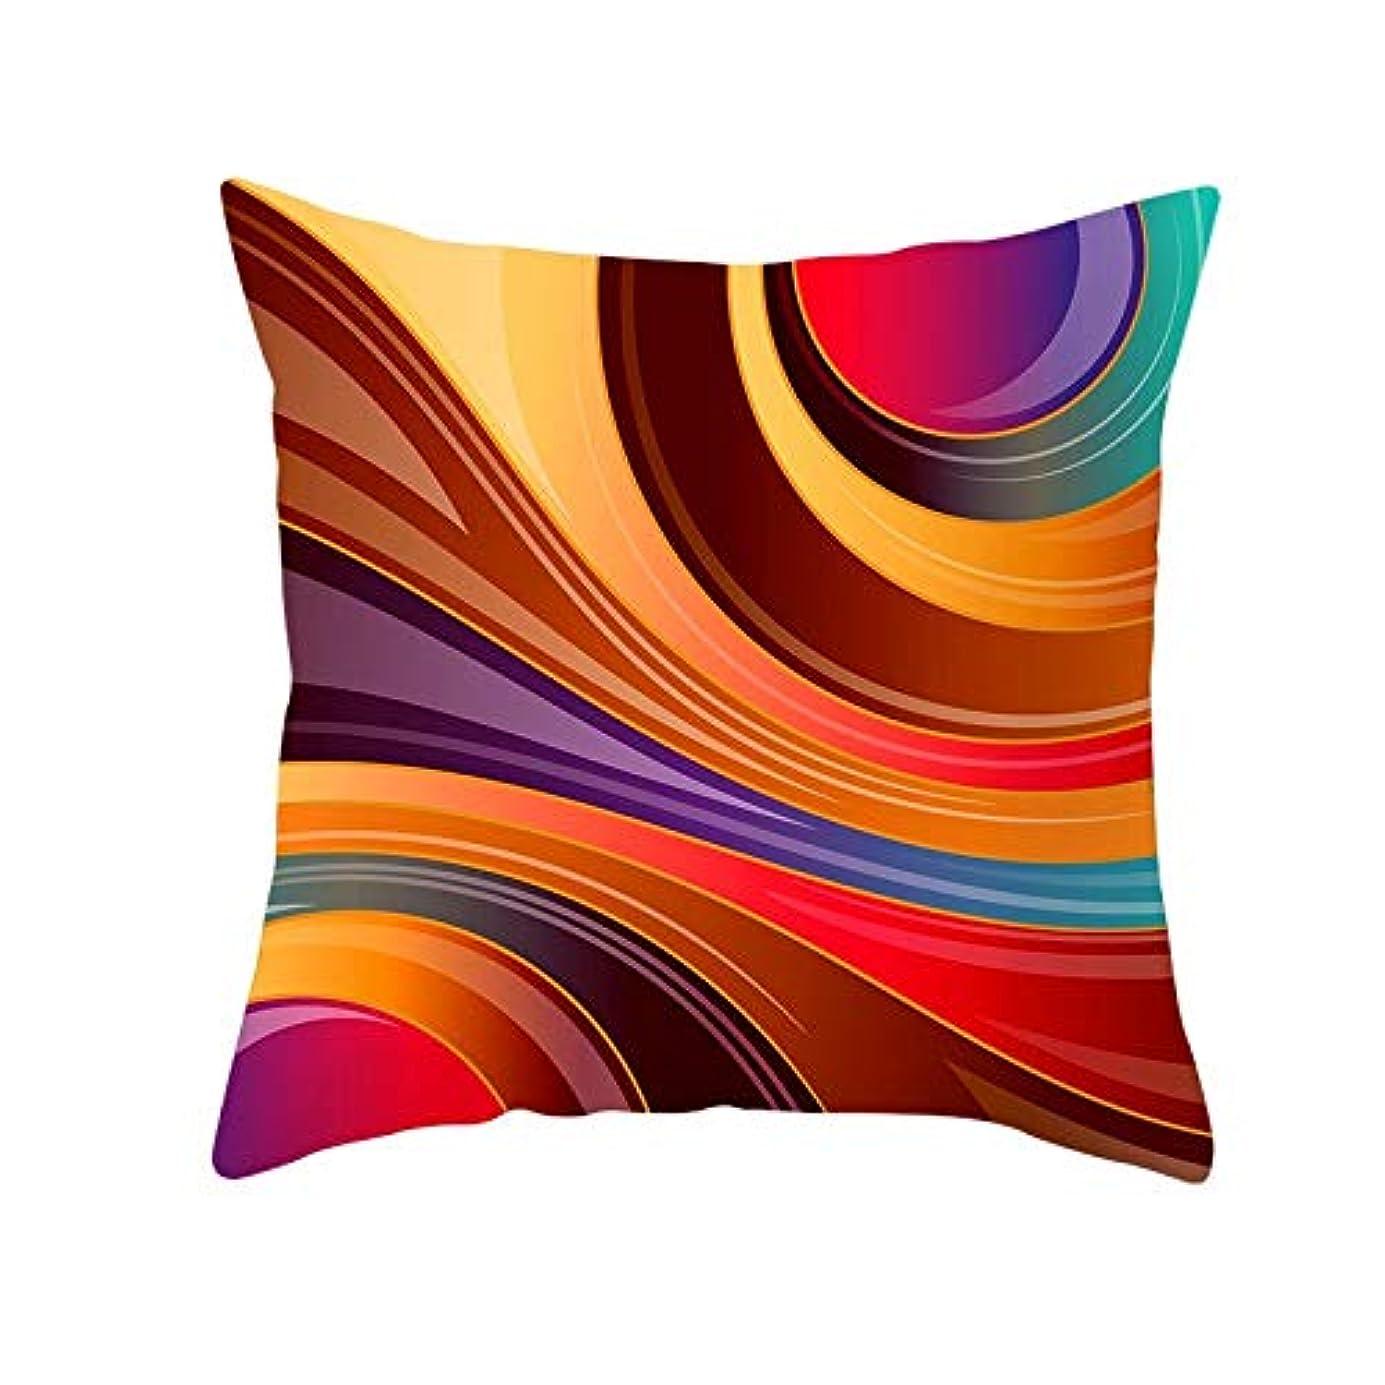 生き残りに話す花に水をやるLIFE 装飾クッションソファ 幾何学プリントポリエステル正方形の枕ソファスロークッション家の装飾 coussin デ長椅子 クッション 椅子